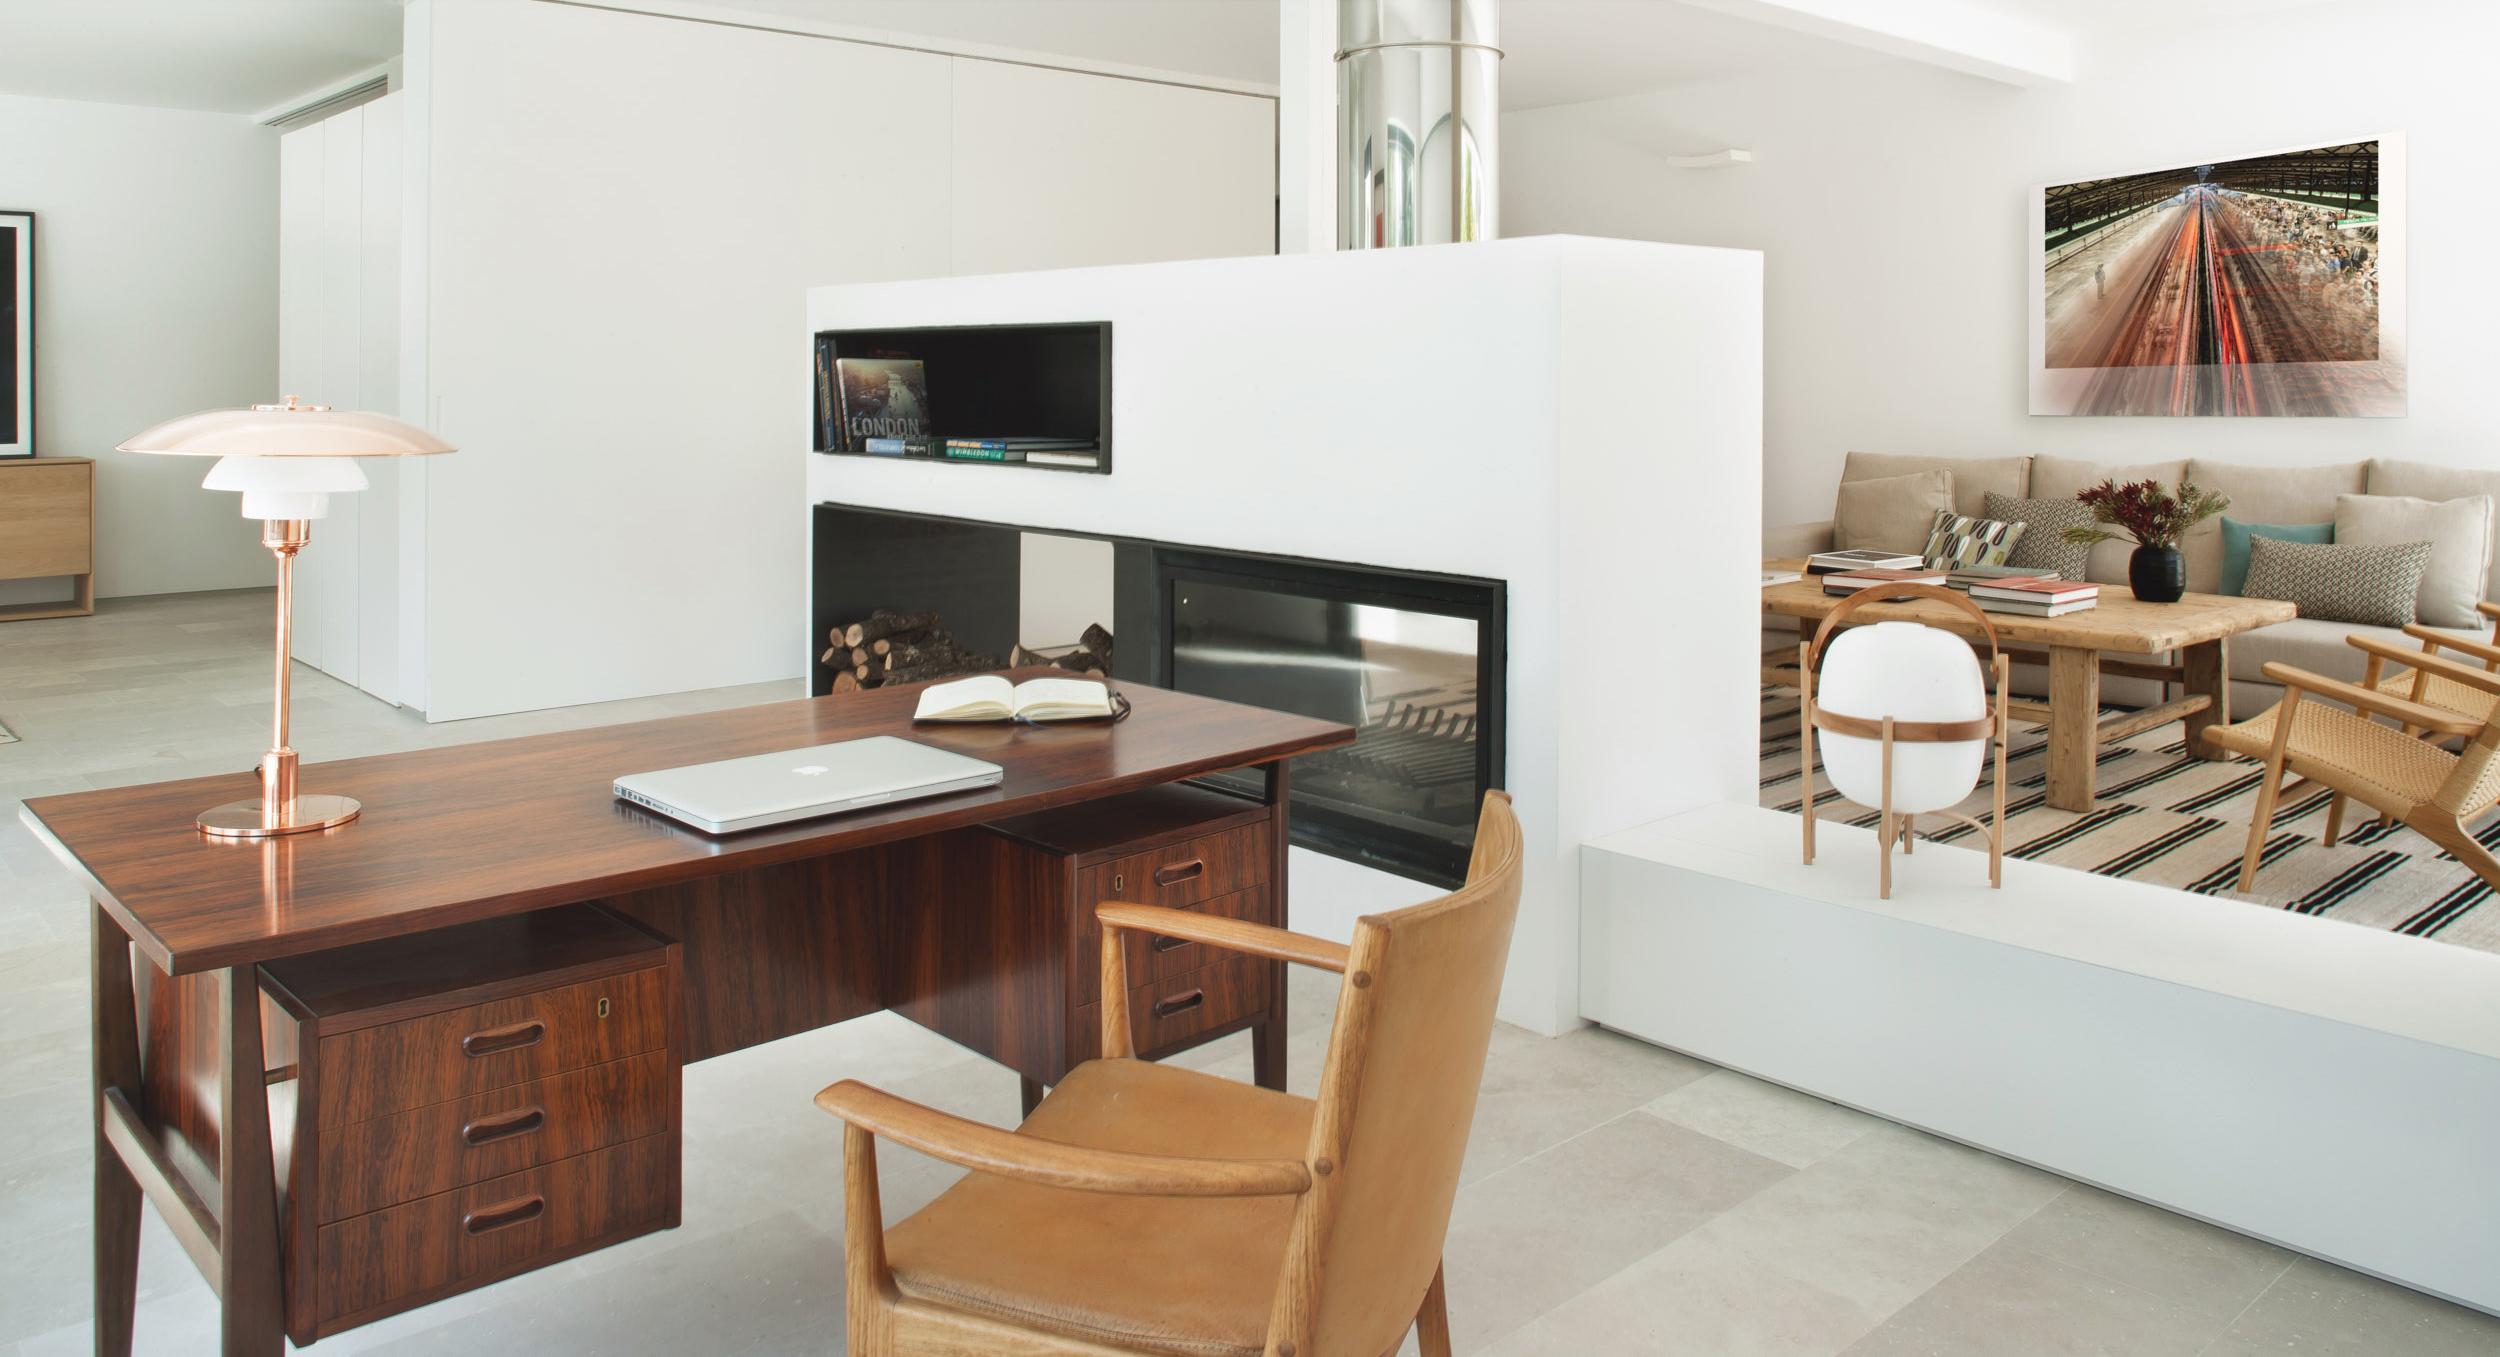 gu a para decorar con muebles a os 50 blog de muebles y On muebles anos 50